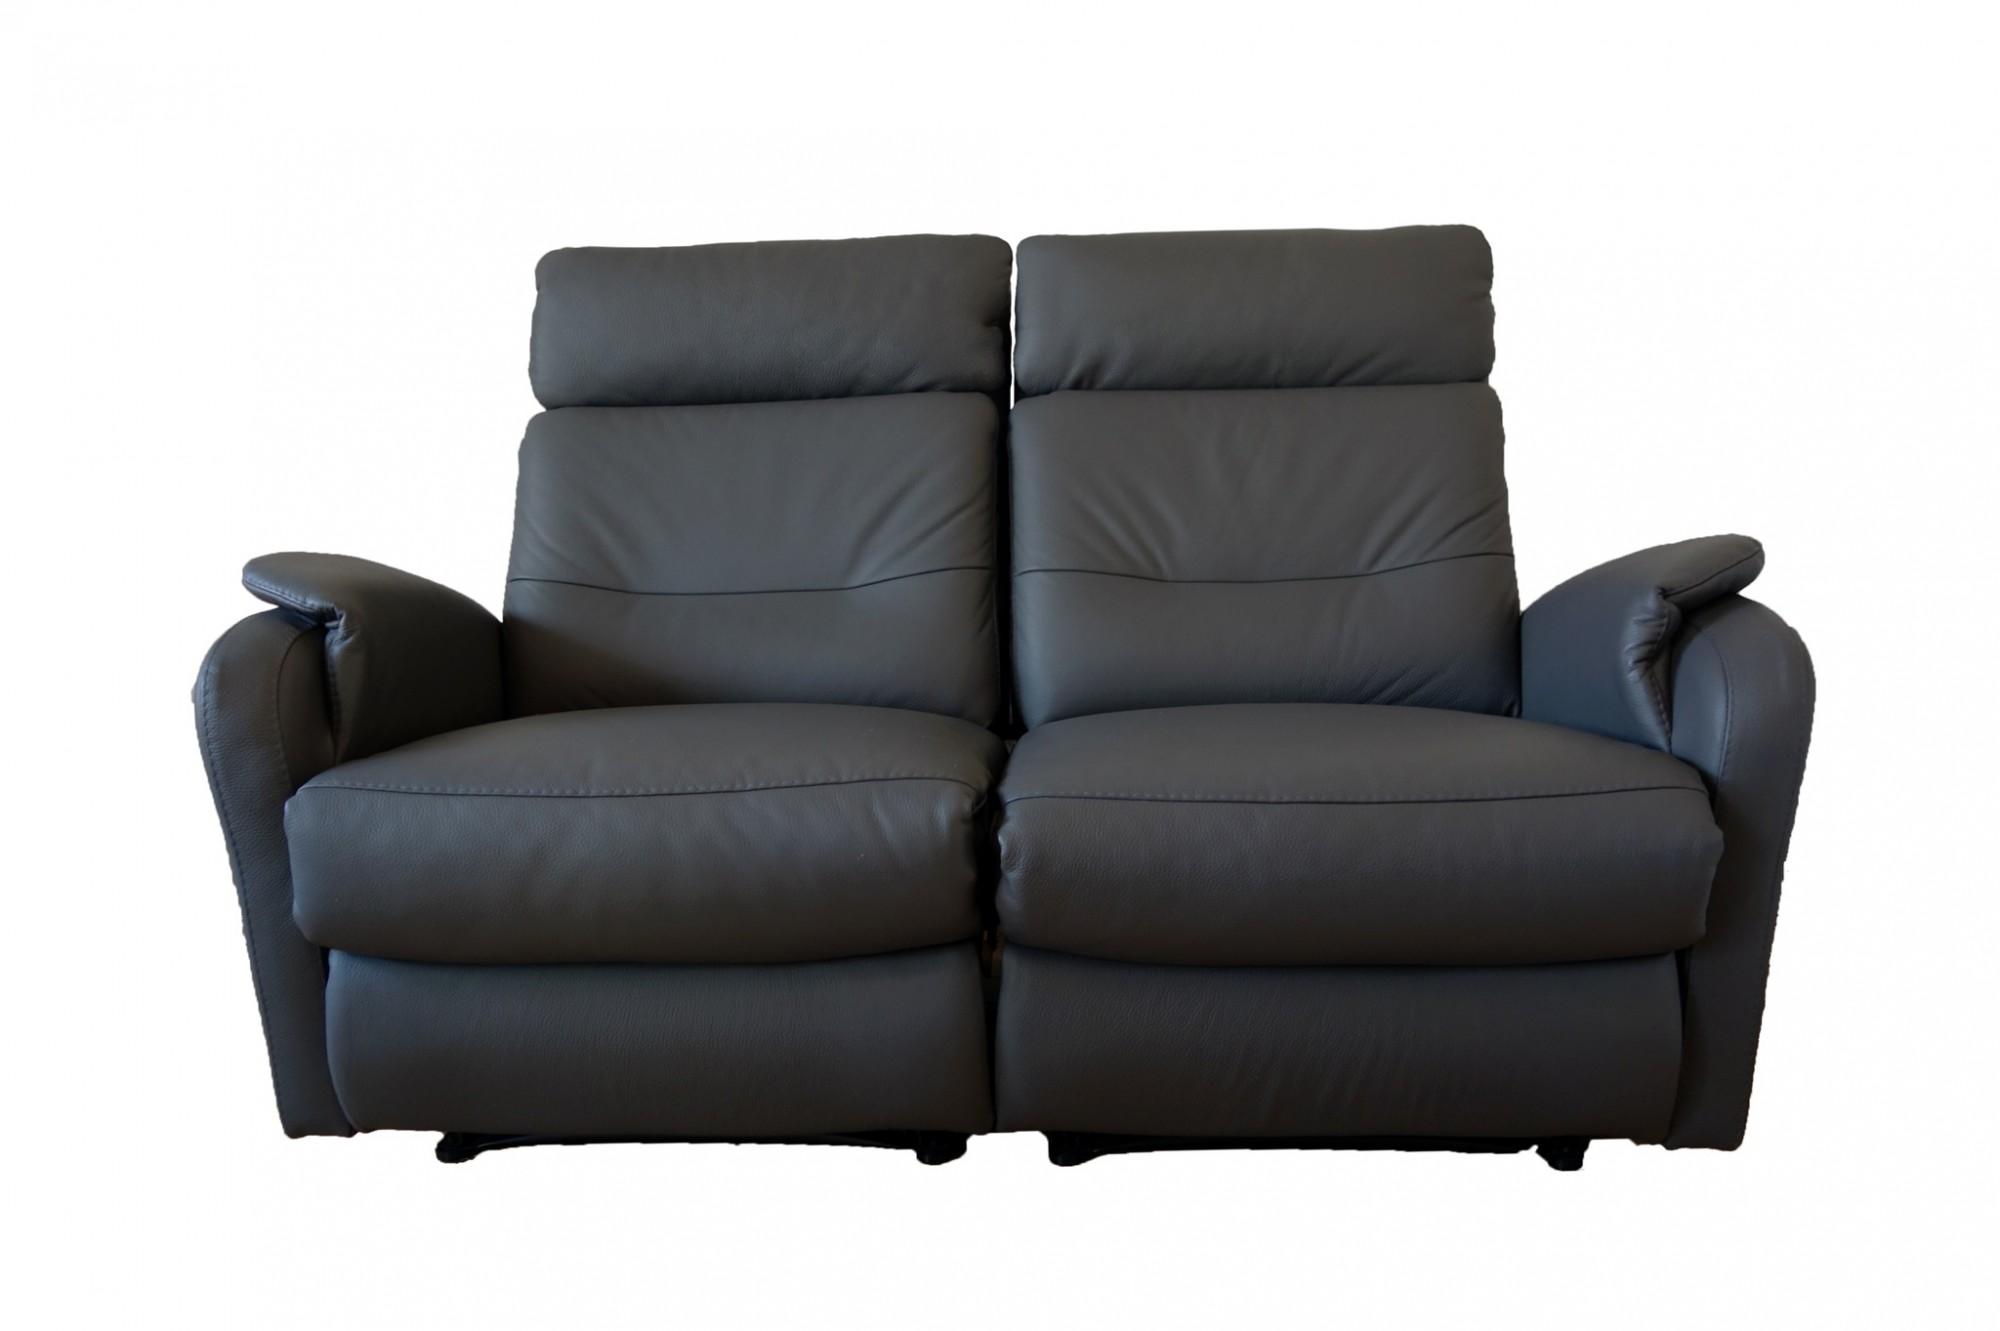 Caro 2 seat Sofa bed 1